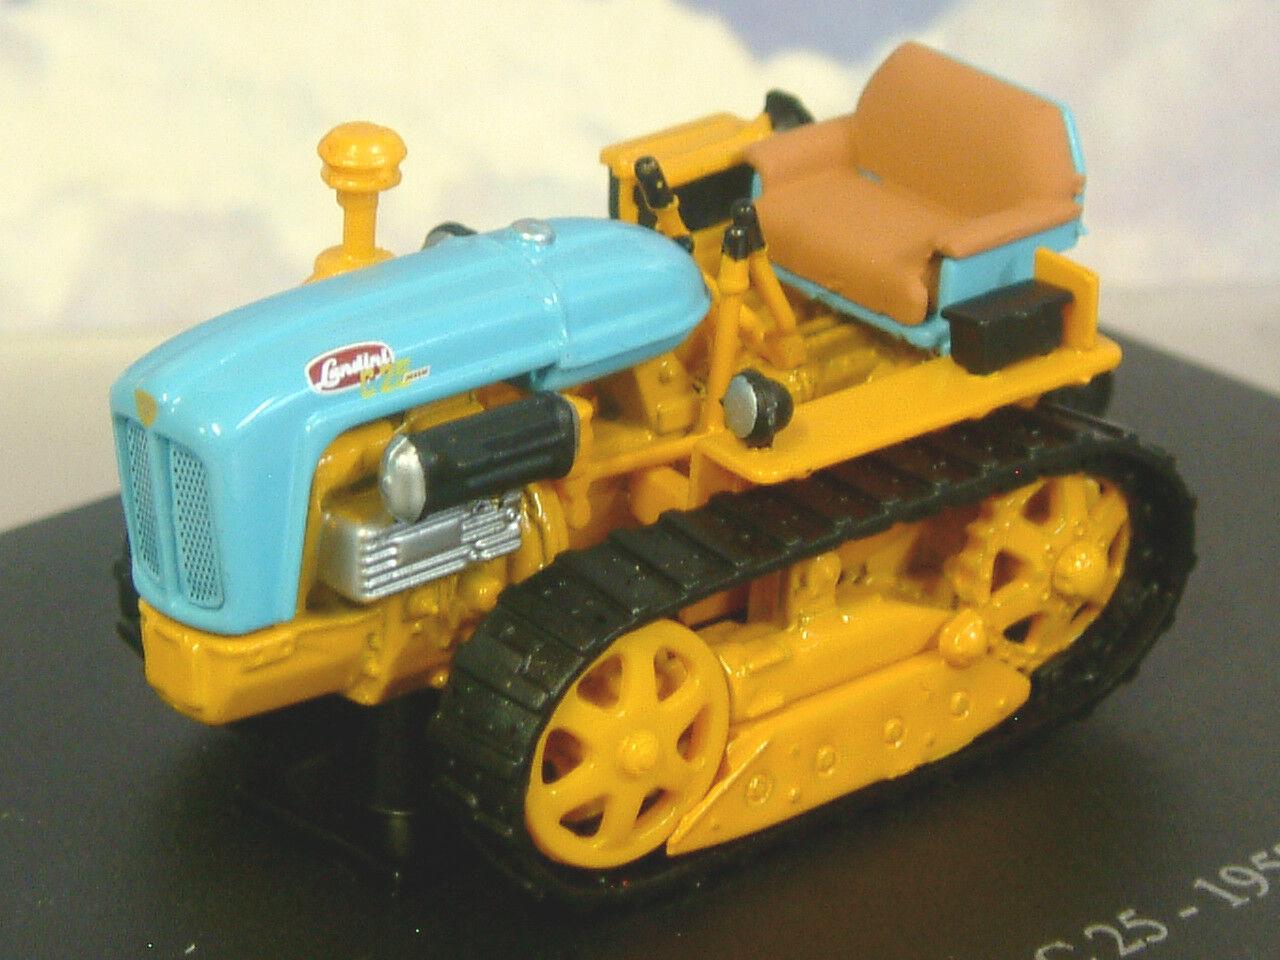 U H HACHETTE DIECAST 1 43 1957 LANDINI C 25 C25 CATERPILLAR TRACTOR orange TR54